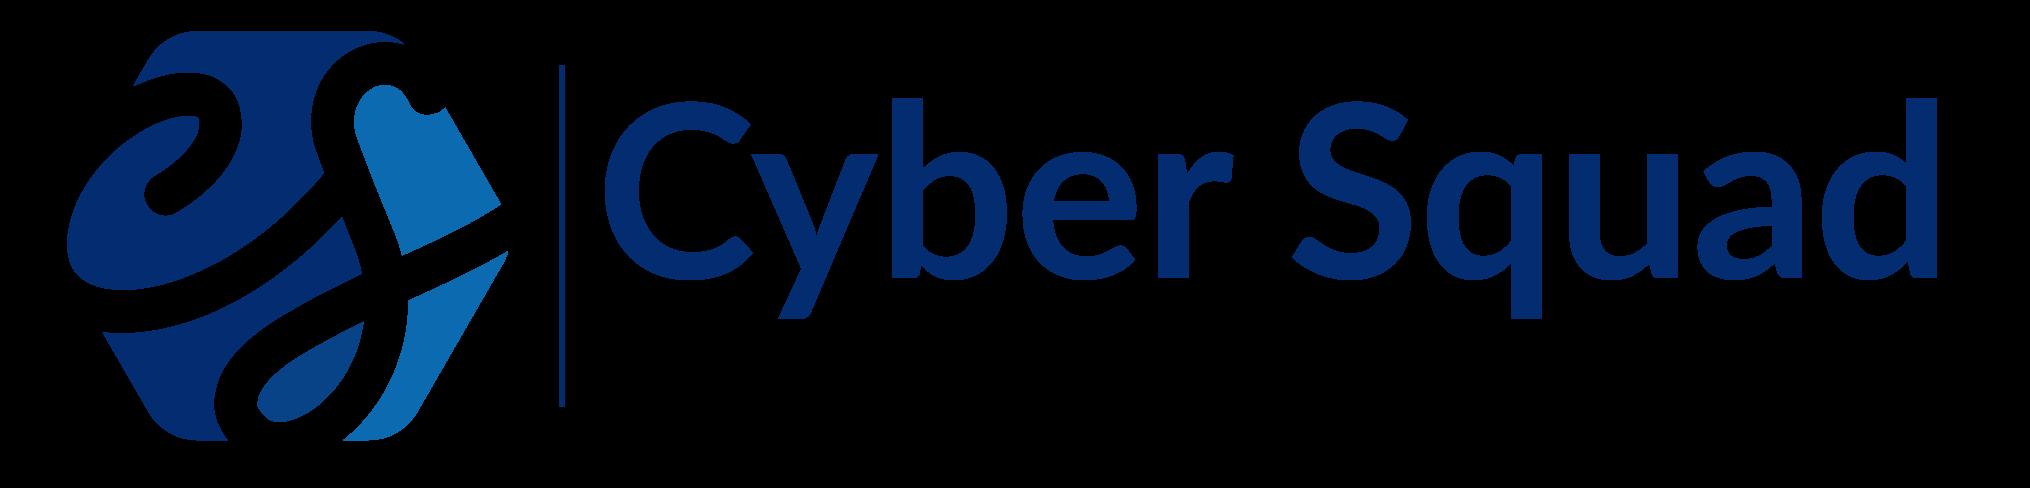 CyberSquad